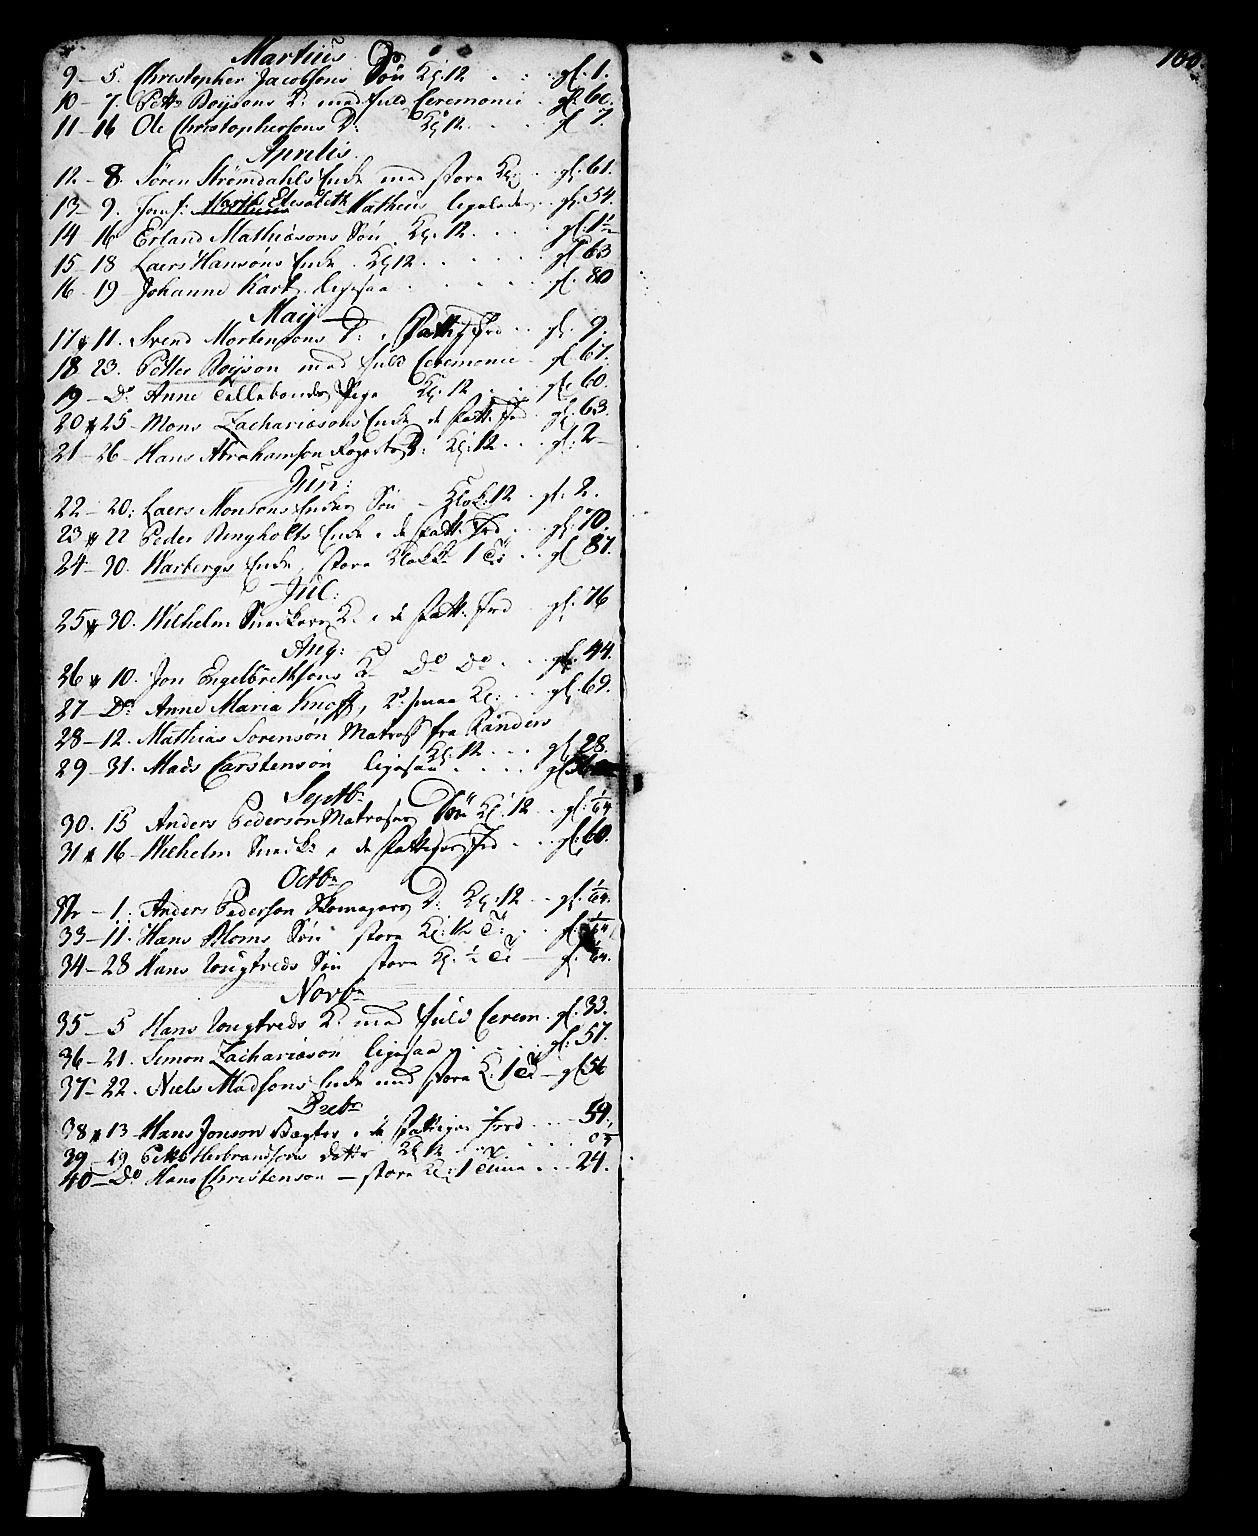 SAKO, Skien kirkebøker, G/Ga/L0001: Klokkerbok nr. 1, 1756-1791, s. 160